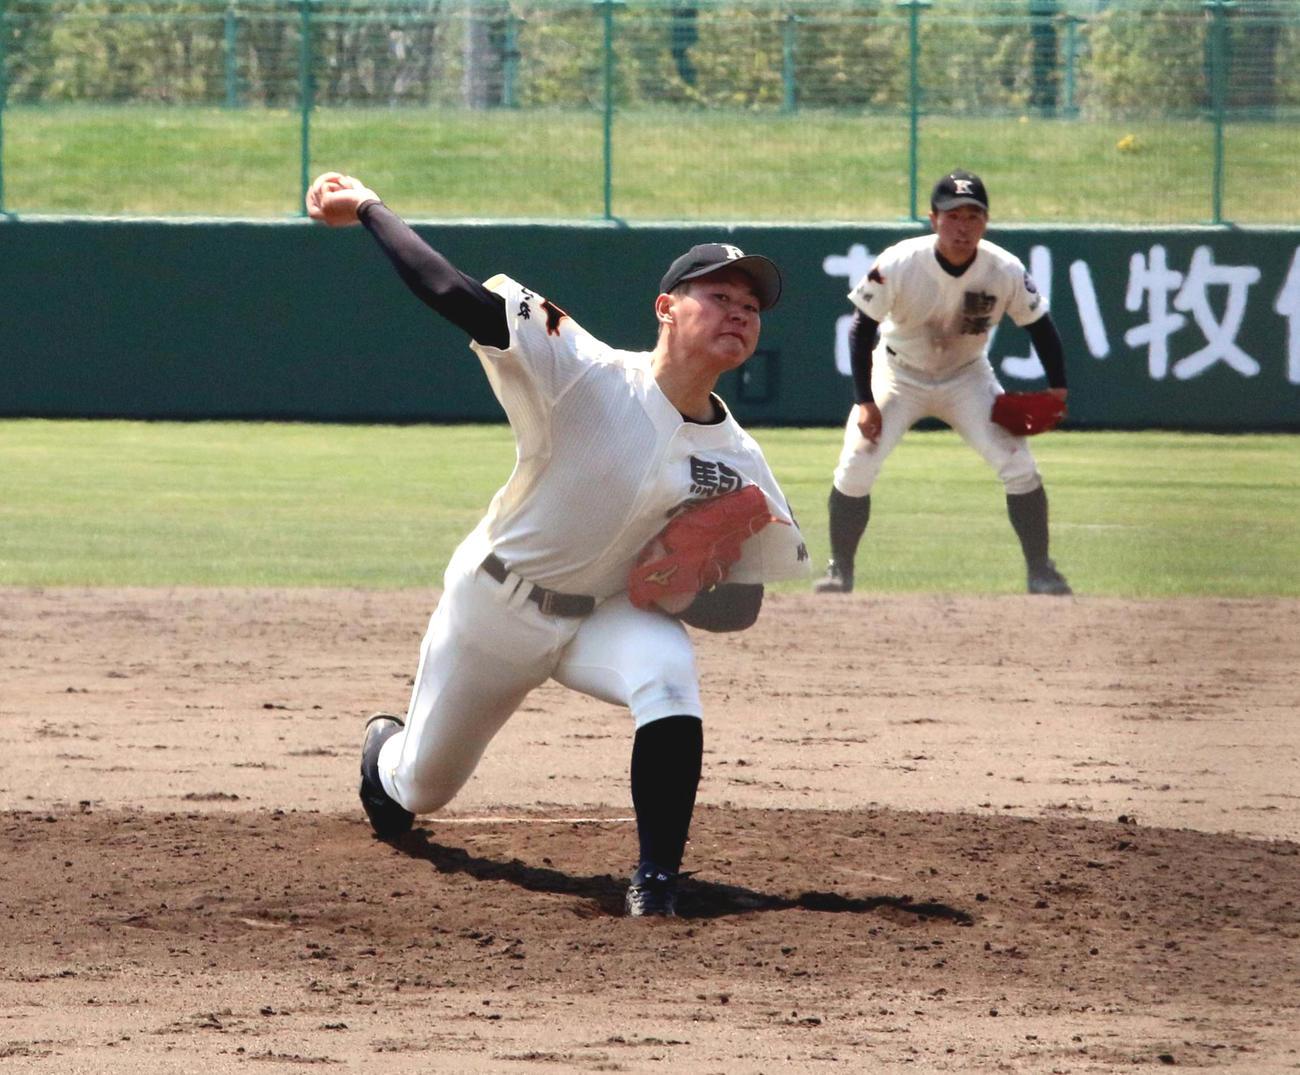 高等 駒澤 大学 学校 苫小牧 附属